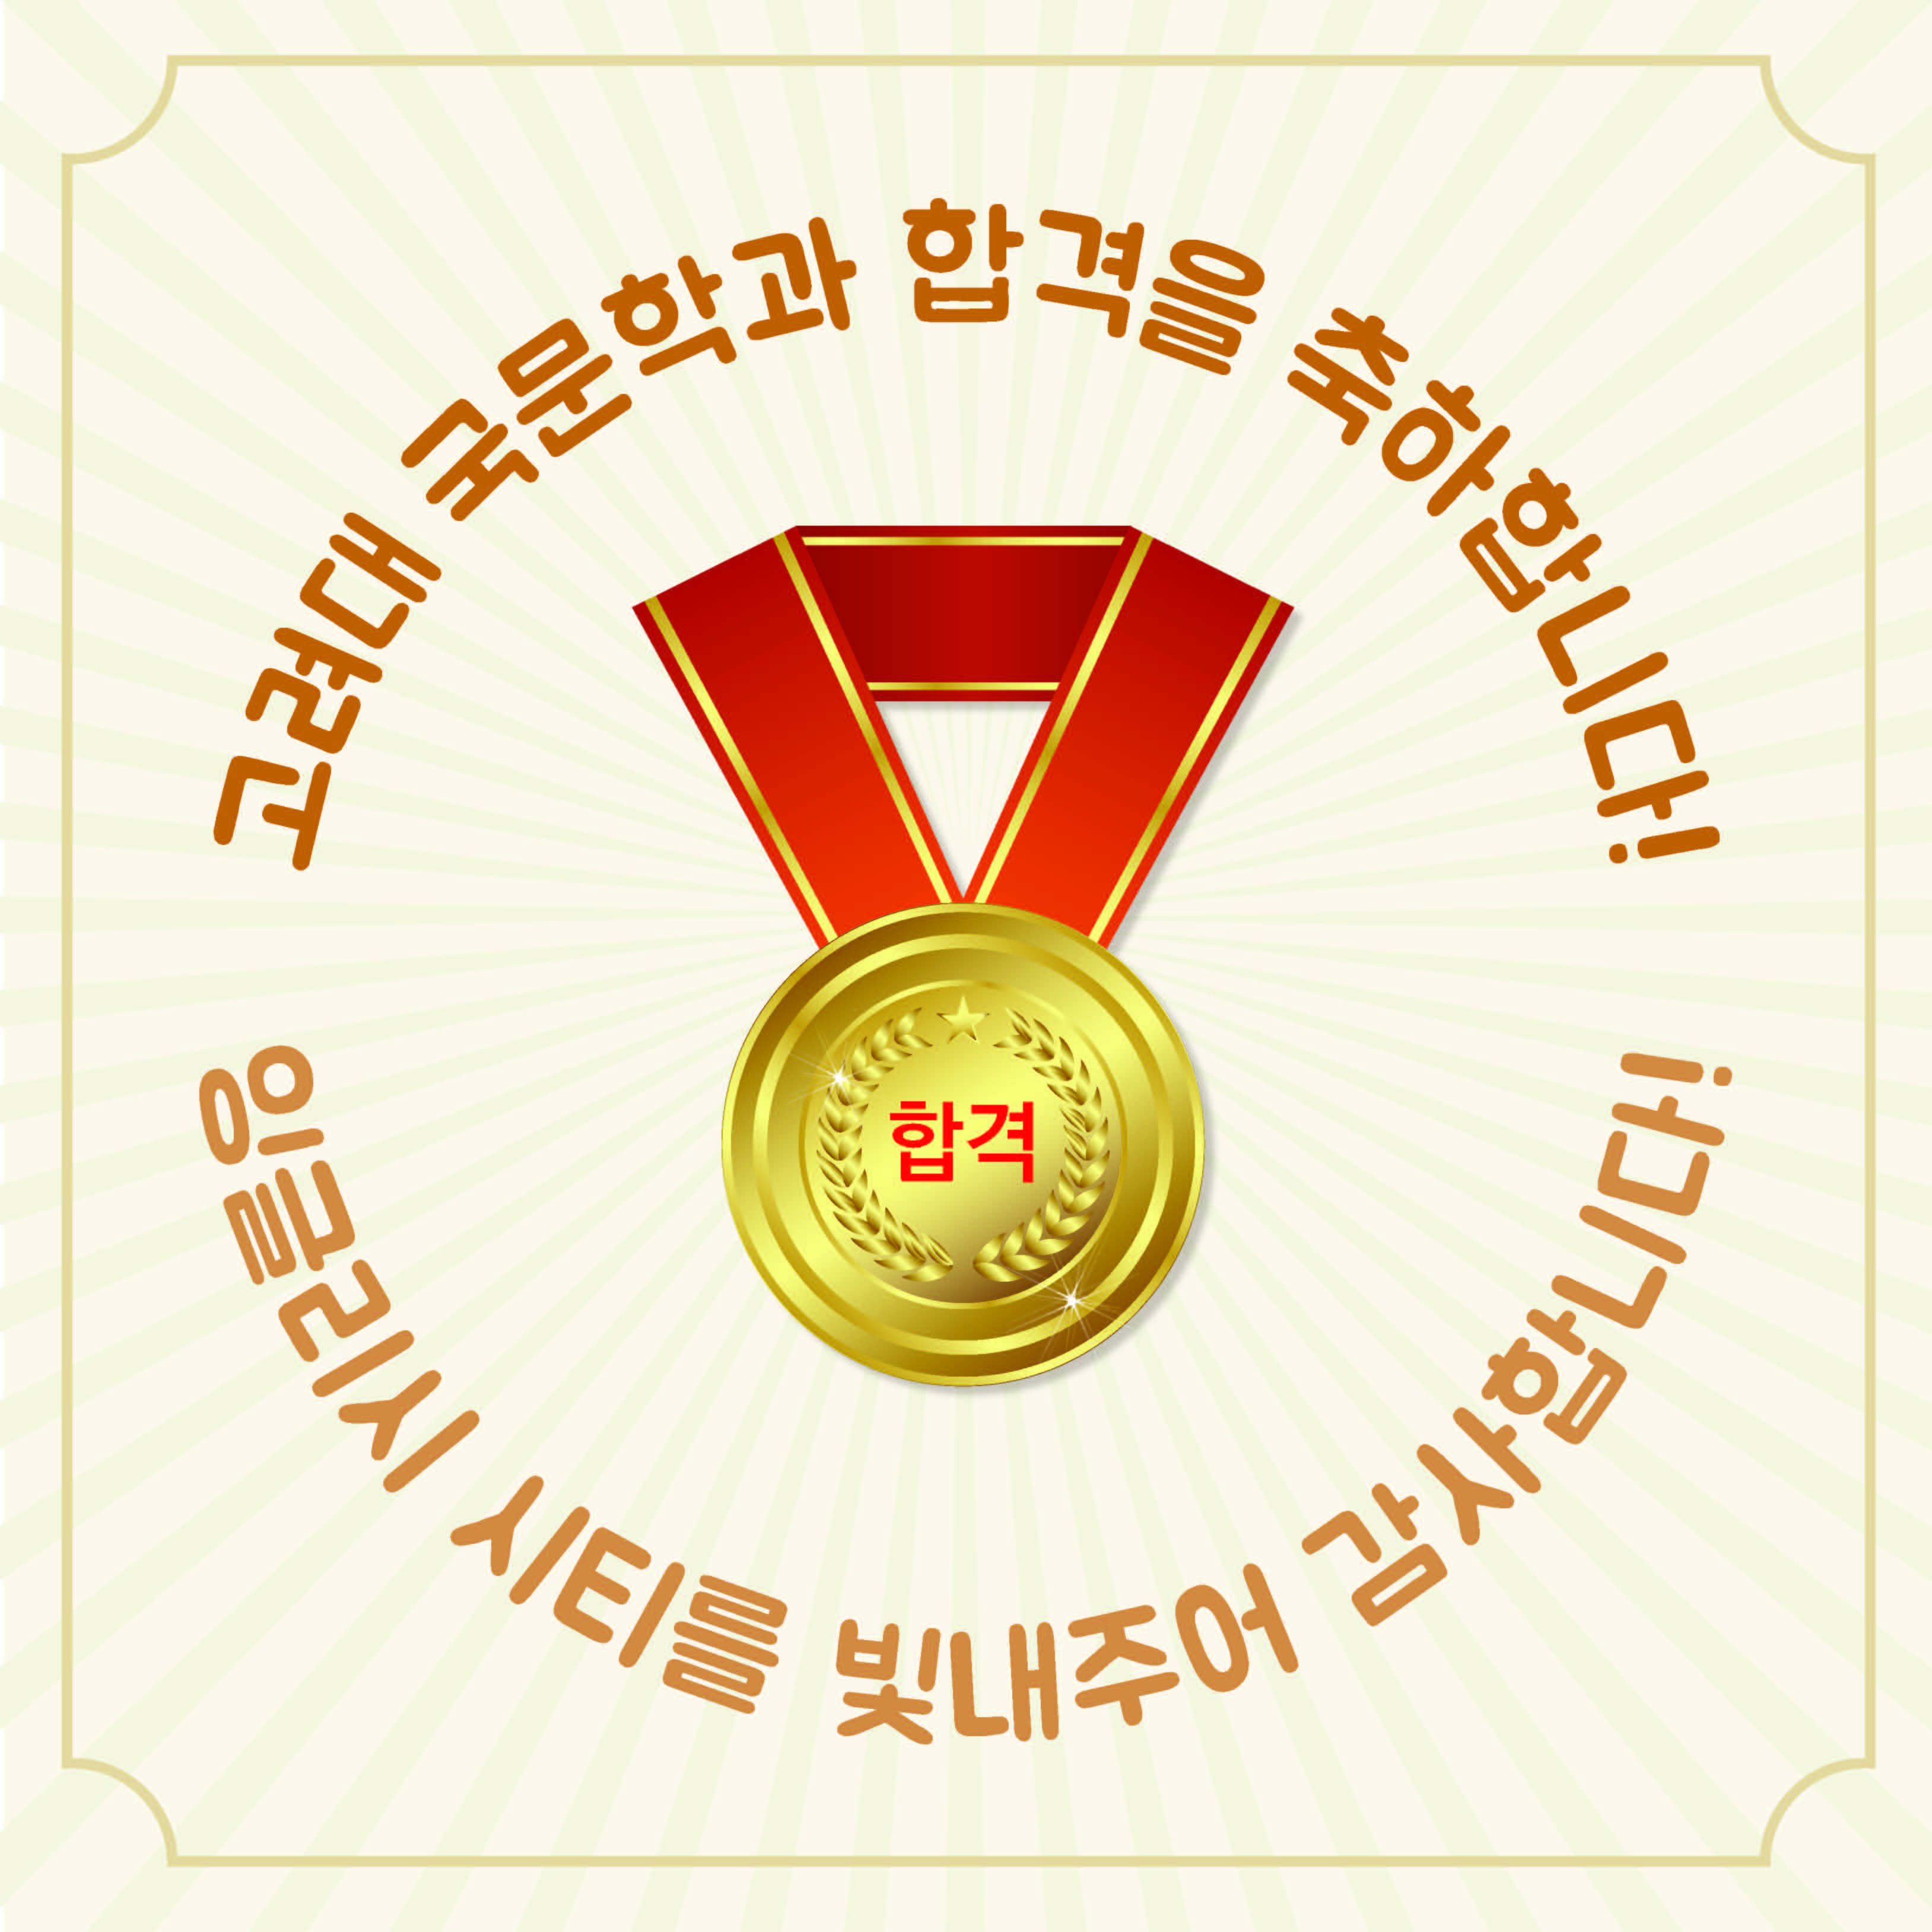 서울대학합격축하2020_페이지_3.jpg